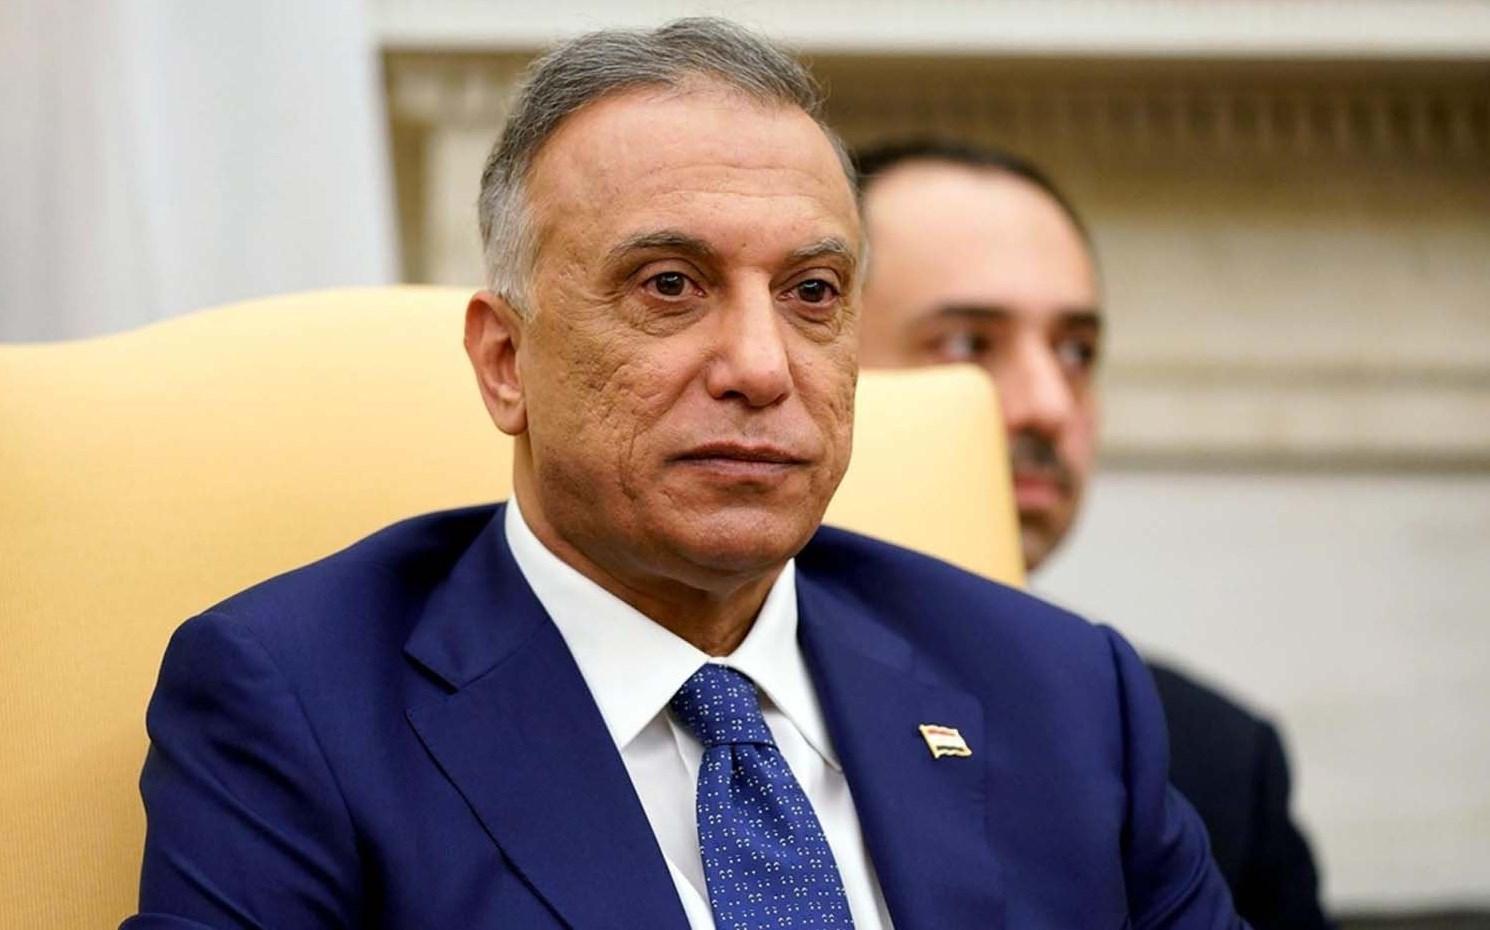 الكاظمي: لا عودة إلى التناحر الطائفي أو استعداء العراقي ضد العراقي لمآرب سياسية